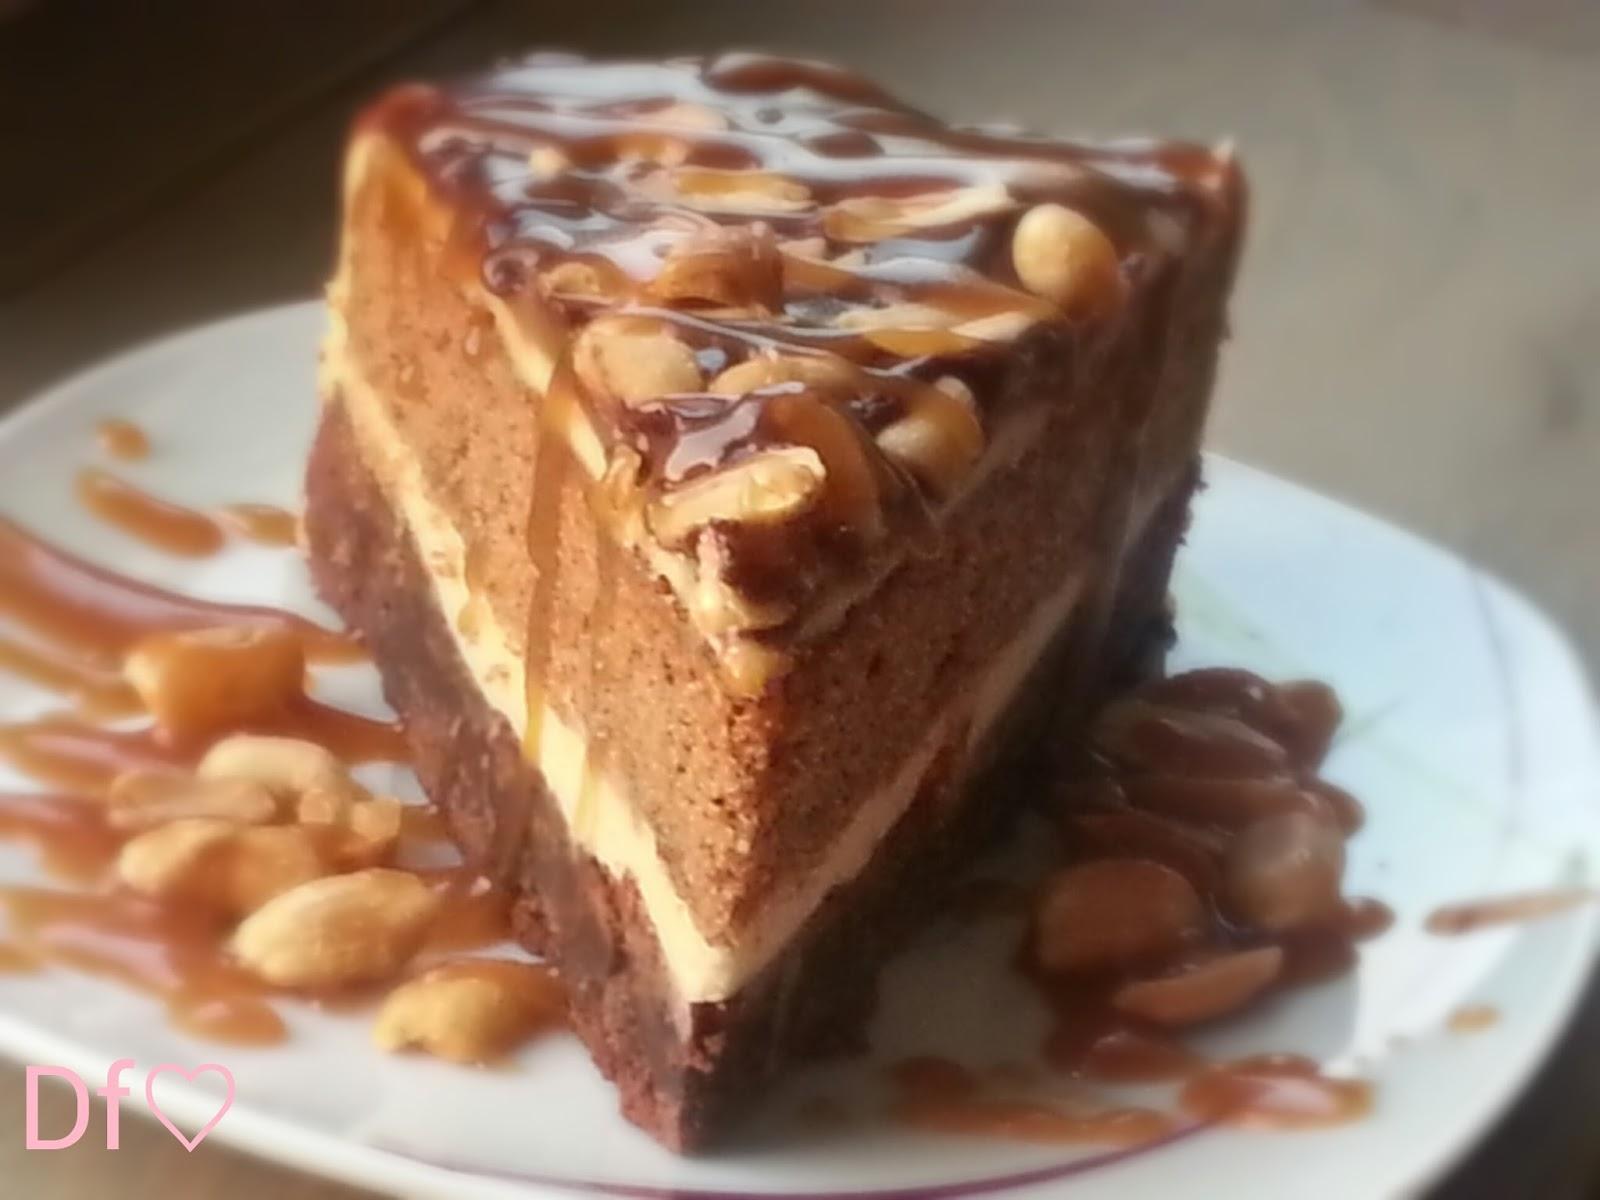 snickers taart Snickers Taart Recept &QL49 – Aboriginaltourismontario snickers taart